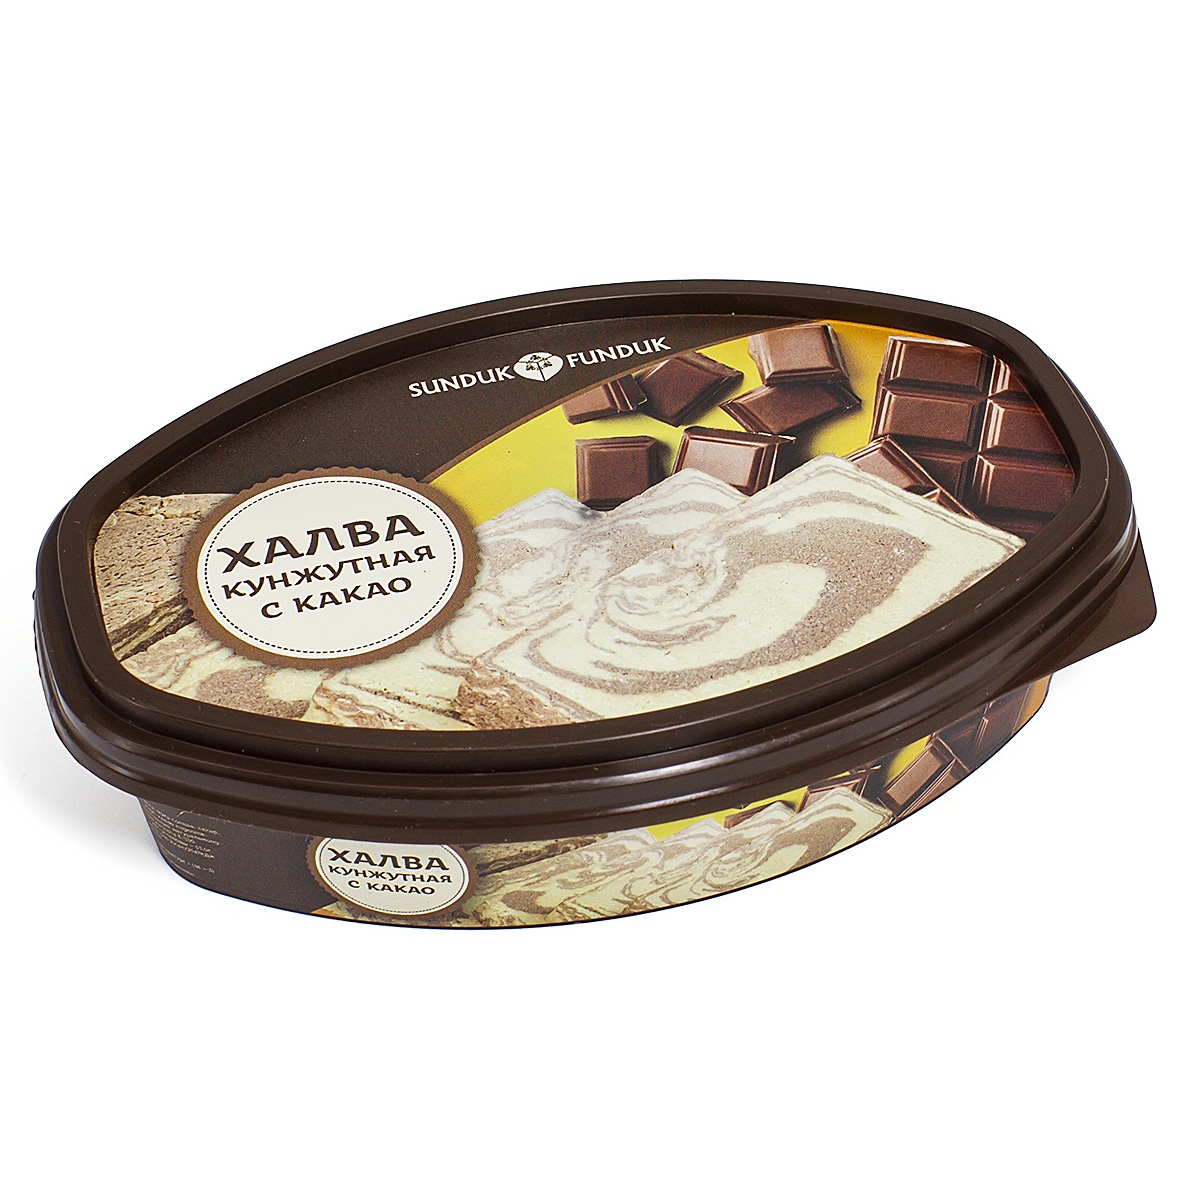 Халва Царская кунжутная с какао 280 г цена